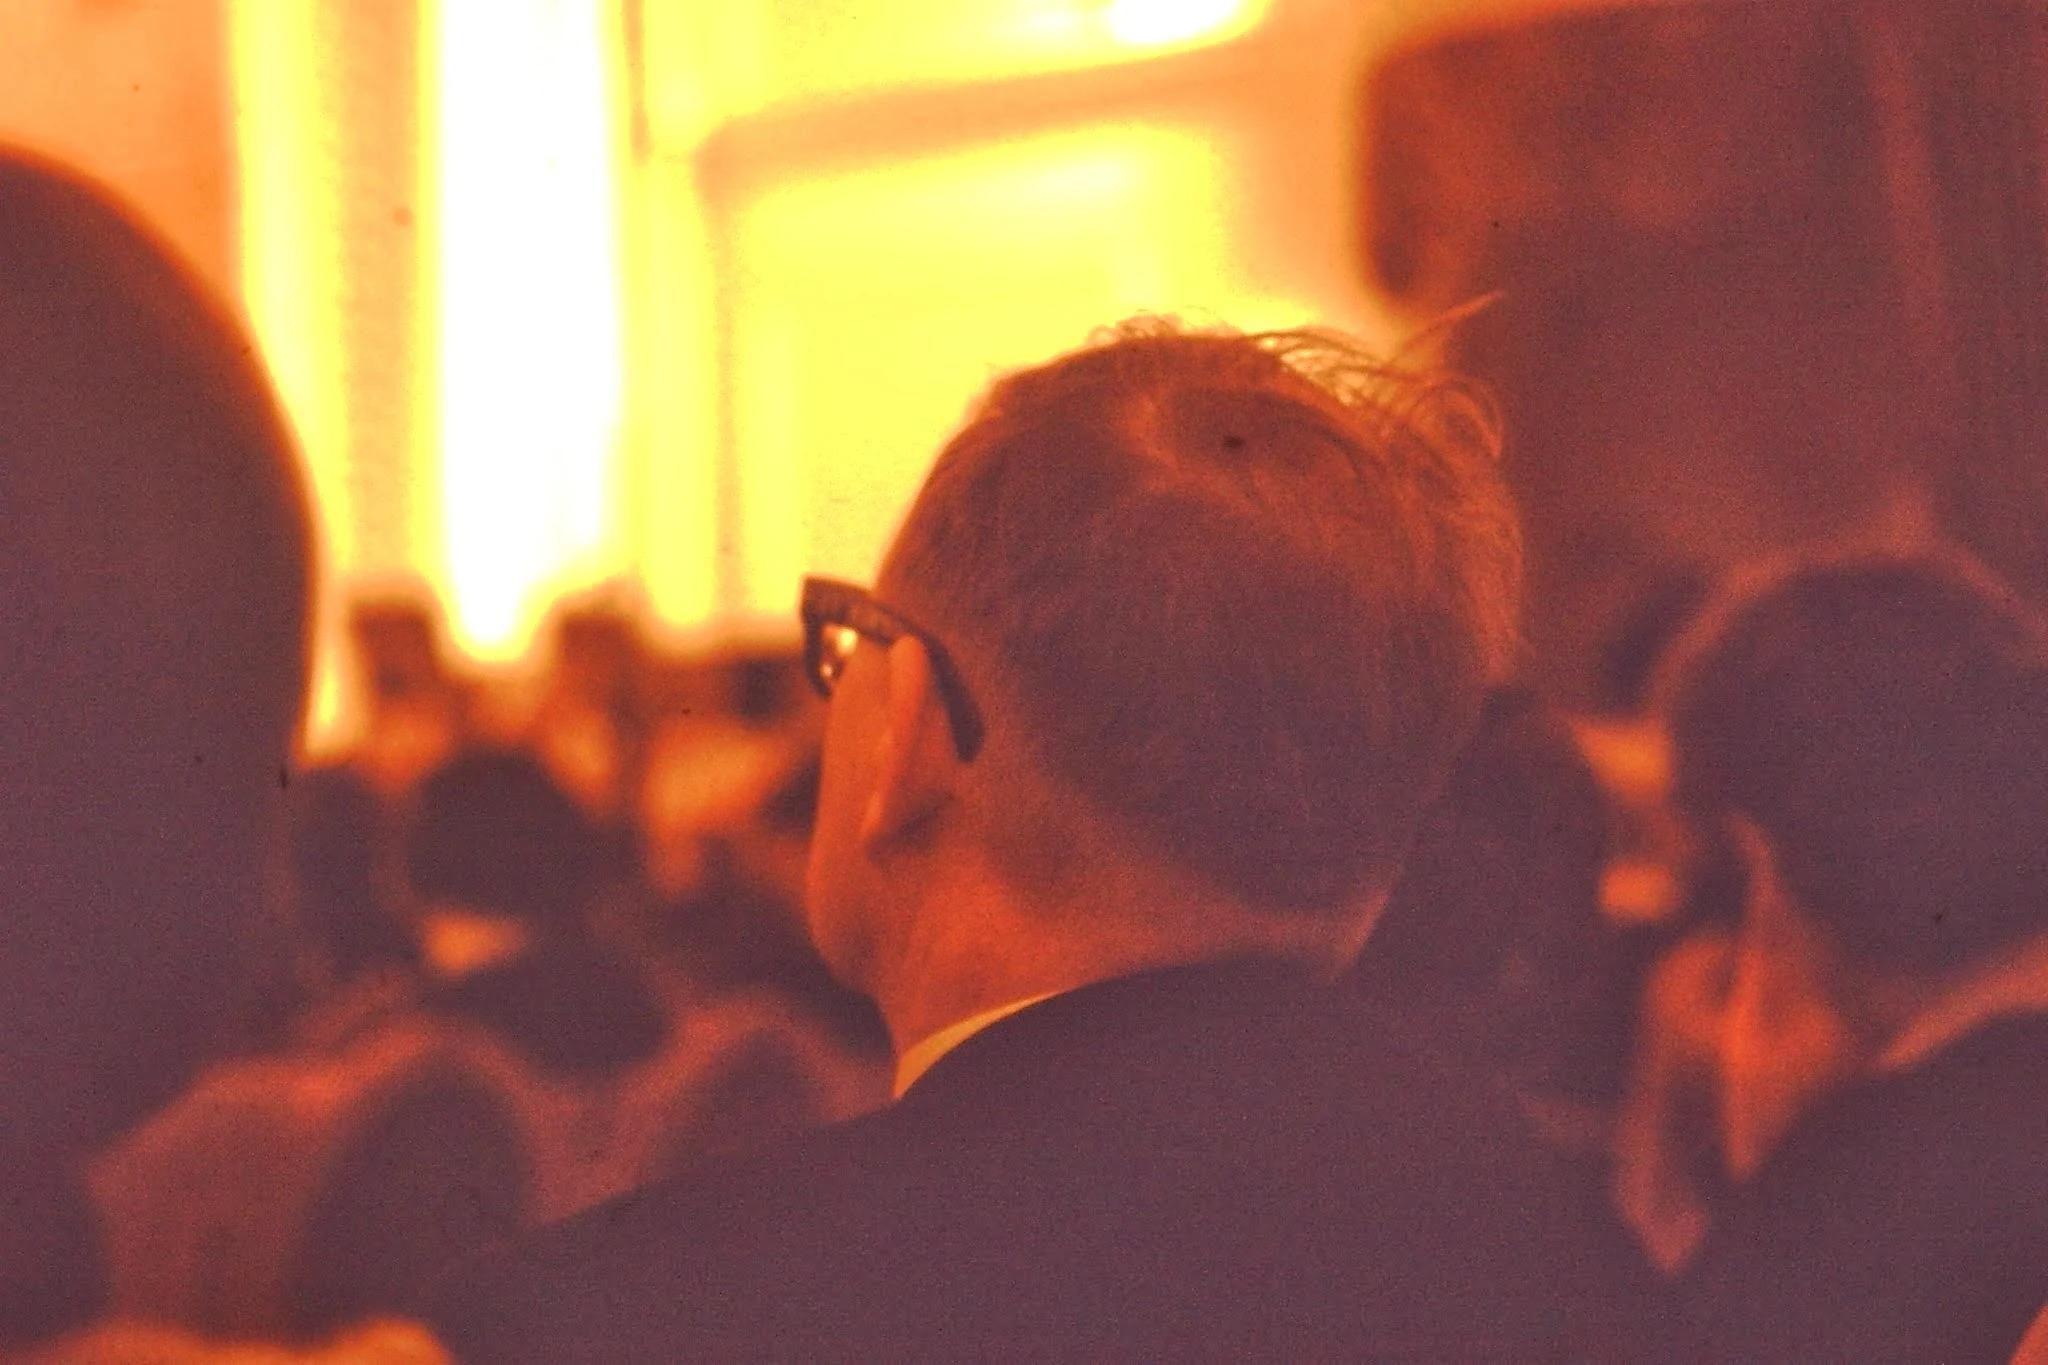 Дмитрий Шостакович находился в первом ряду второго блока. Я нахожусь на втором ряду. После перерыва он ушел